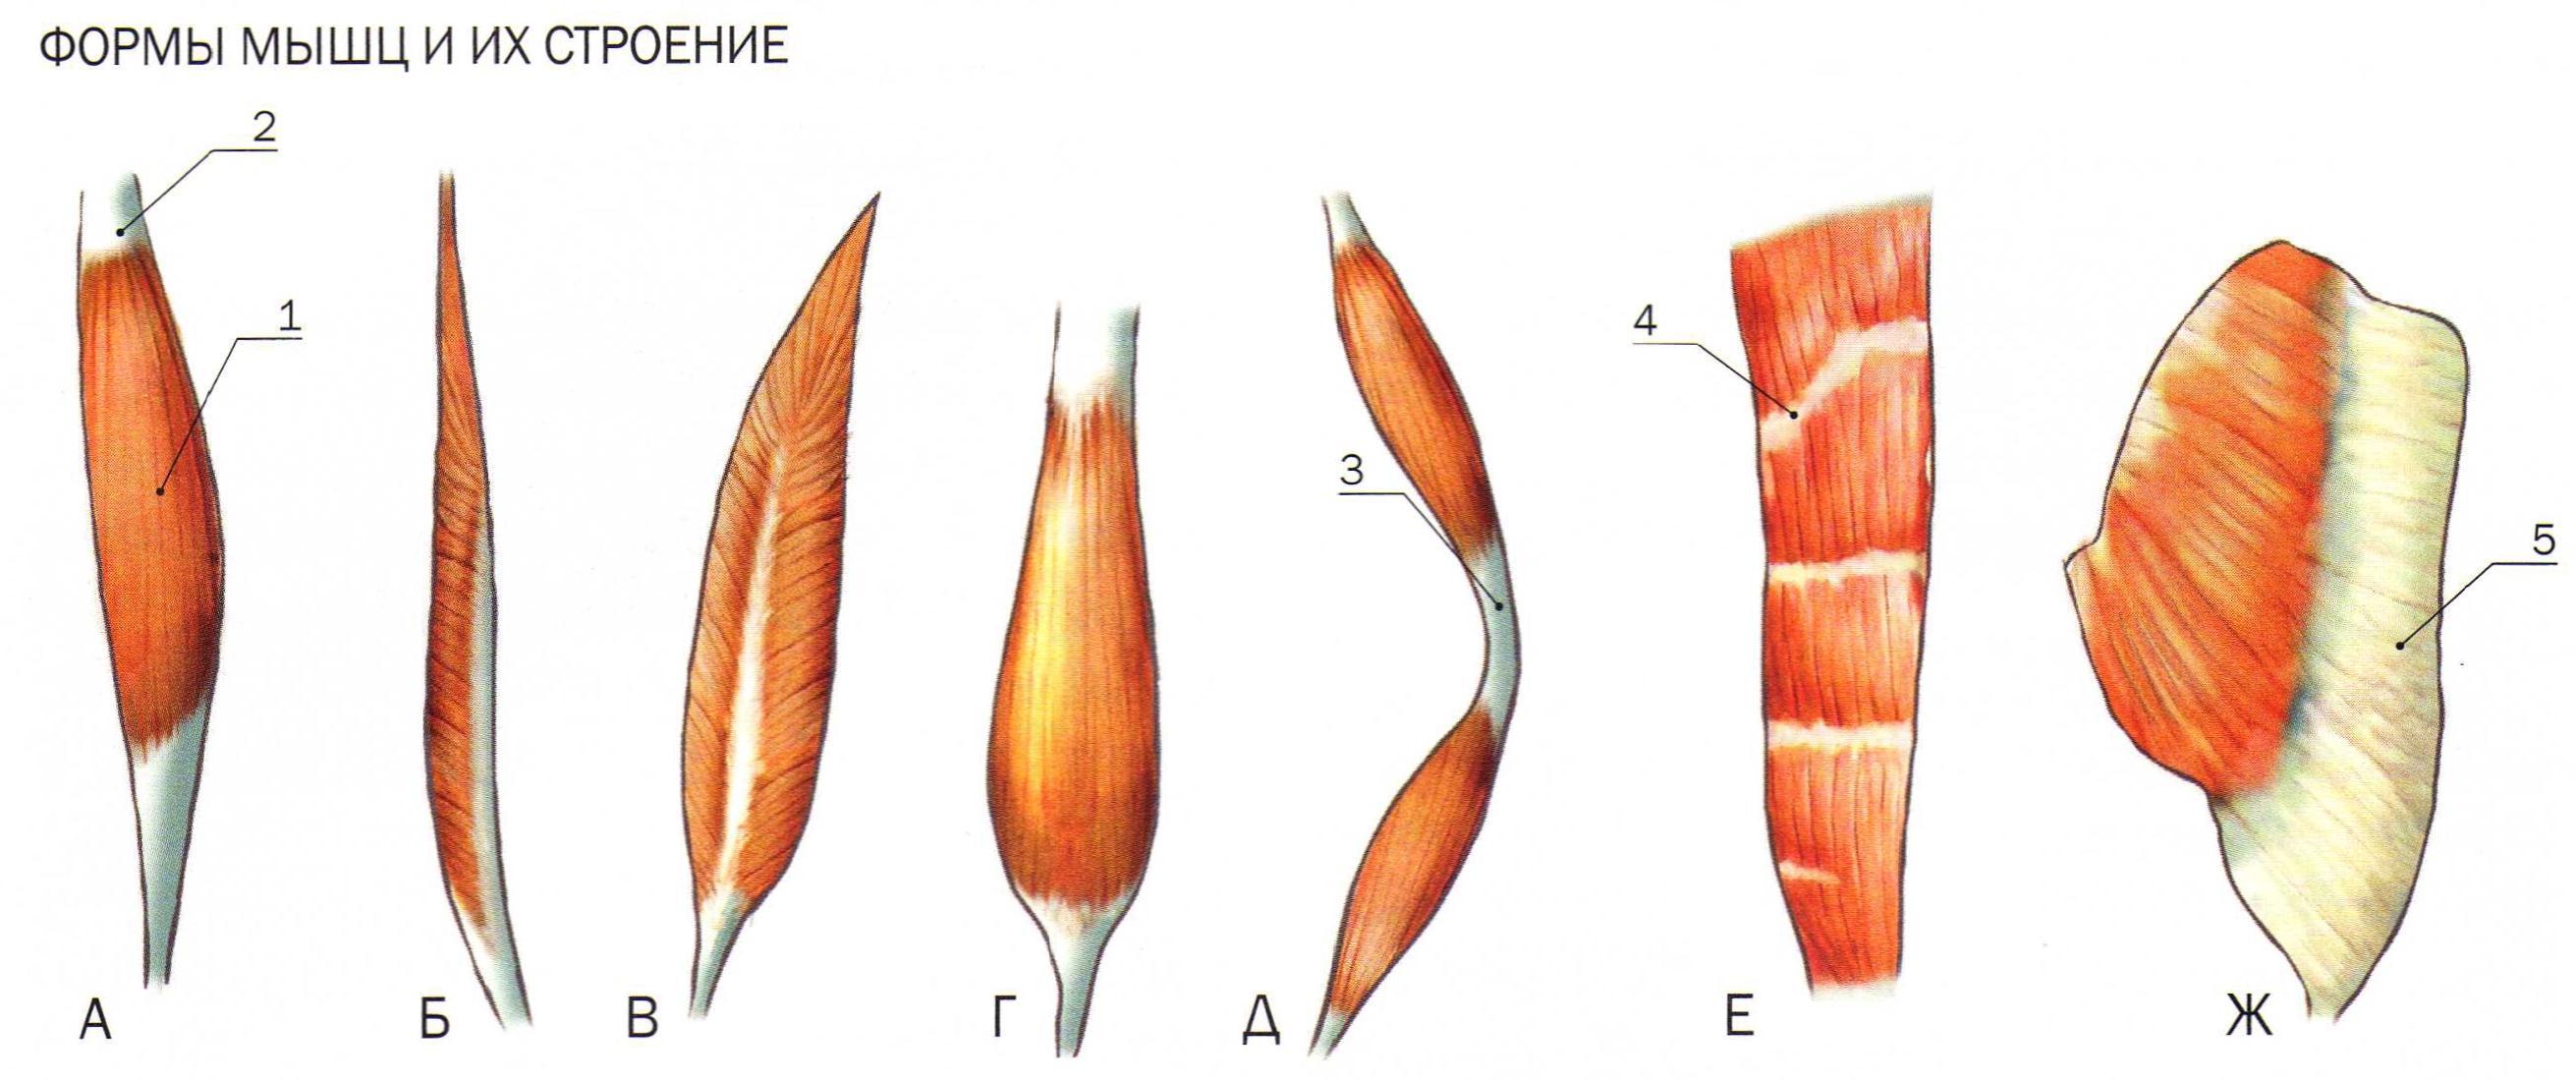 Формы мышц и их строение